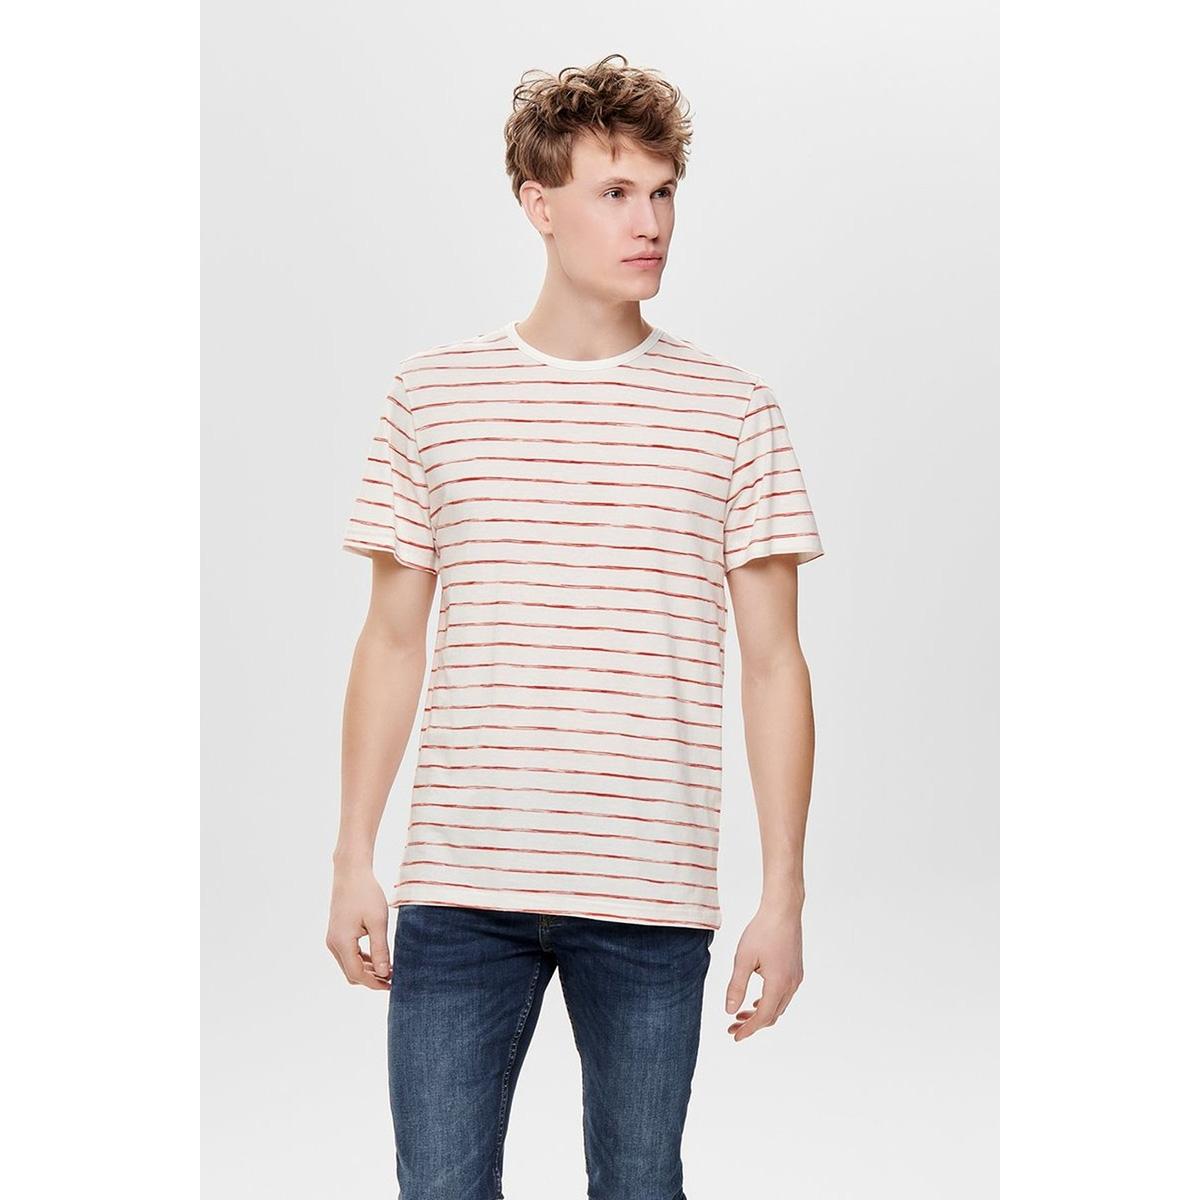 onsedgar striped ss reg tee 22012203 only & sons t-shirt cloud dancer/ roibos tea